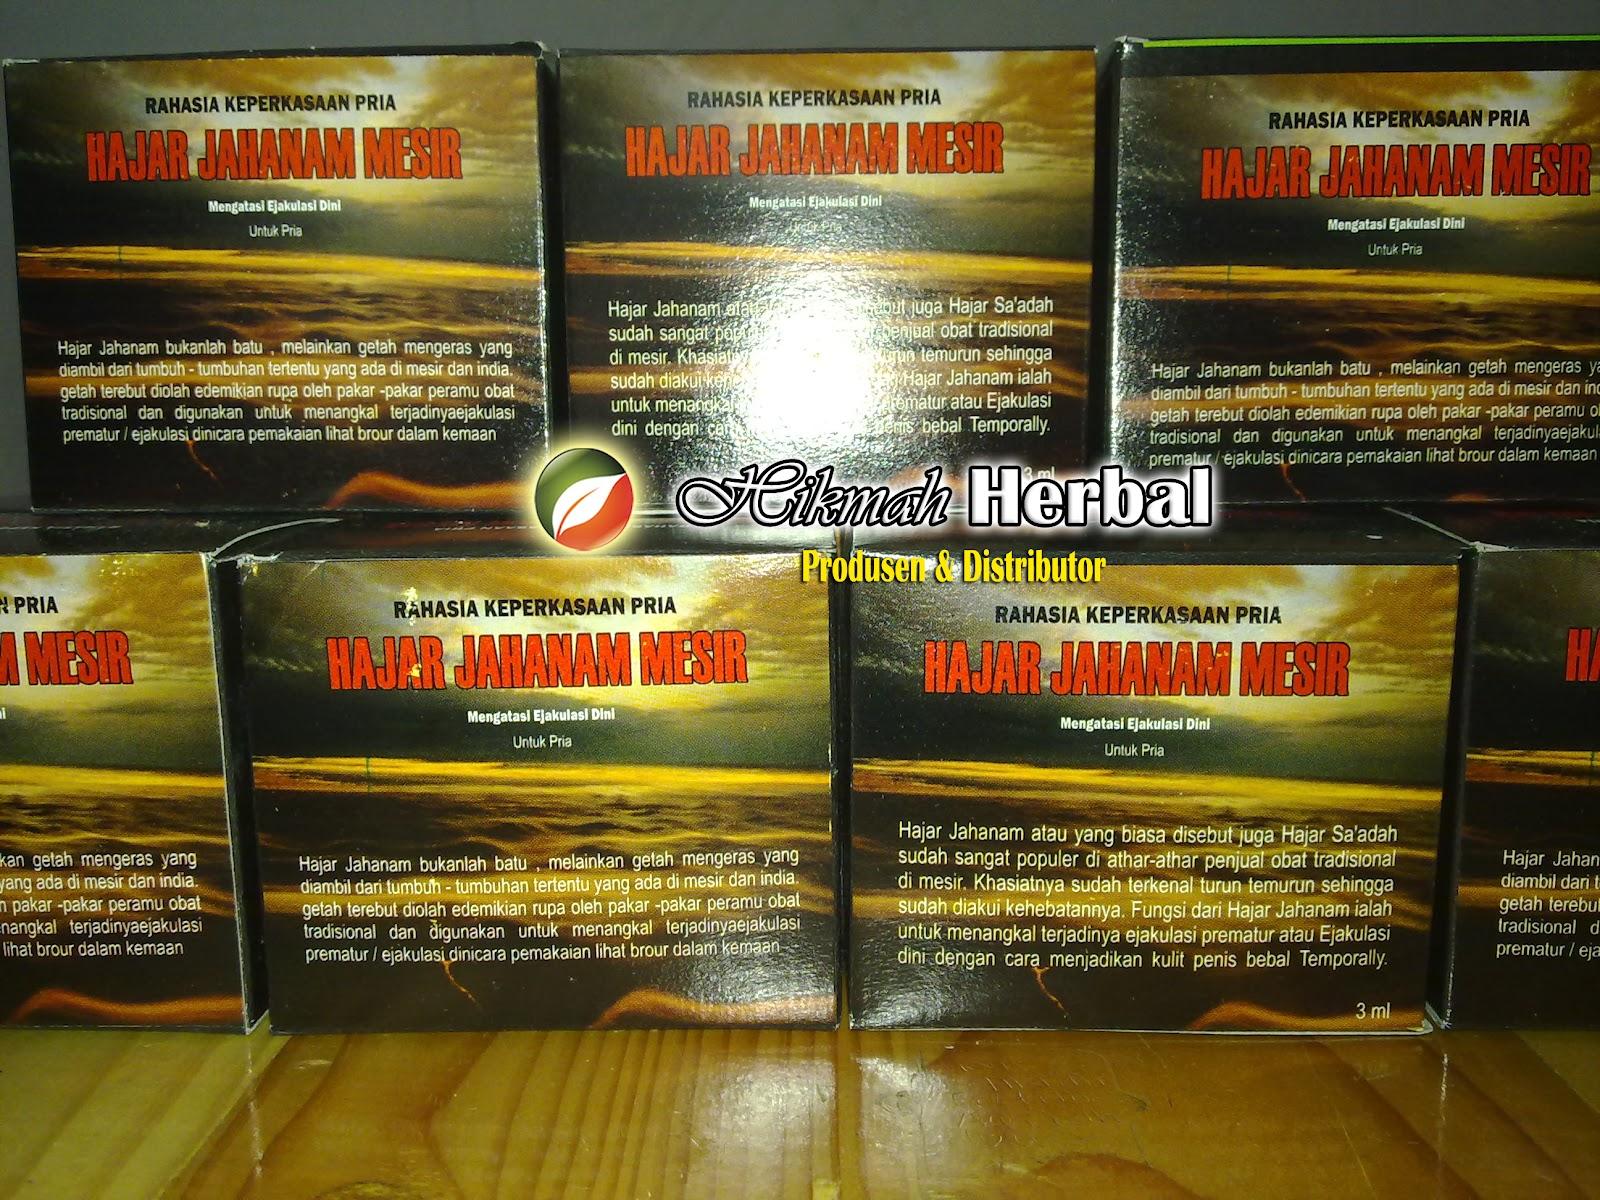 Hikmah Herbal Agency Hajar Jahanam Mesir